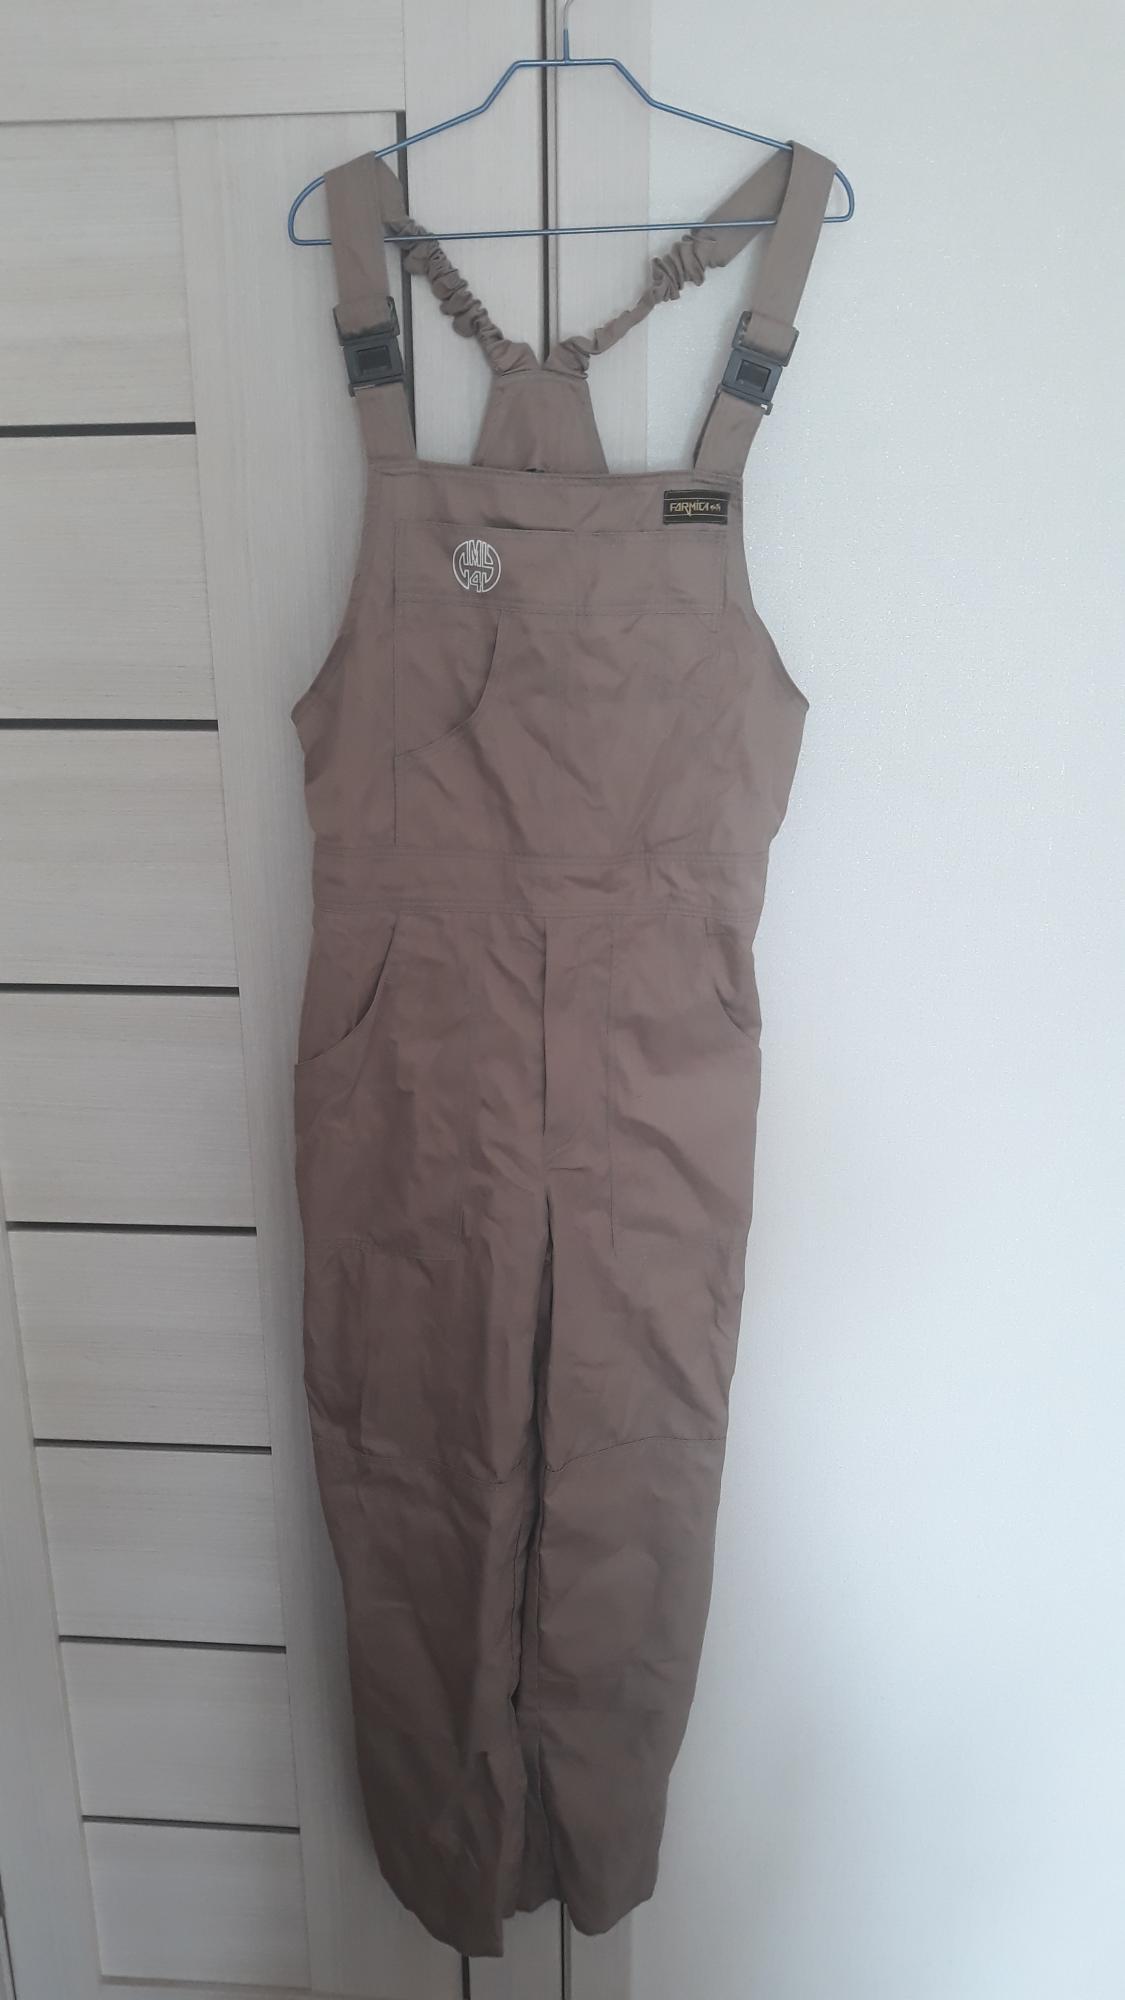 Спецовка, костюм электрика (новый) в Дедовске 89774638108 купить 4